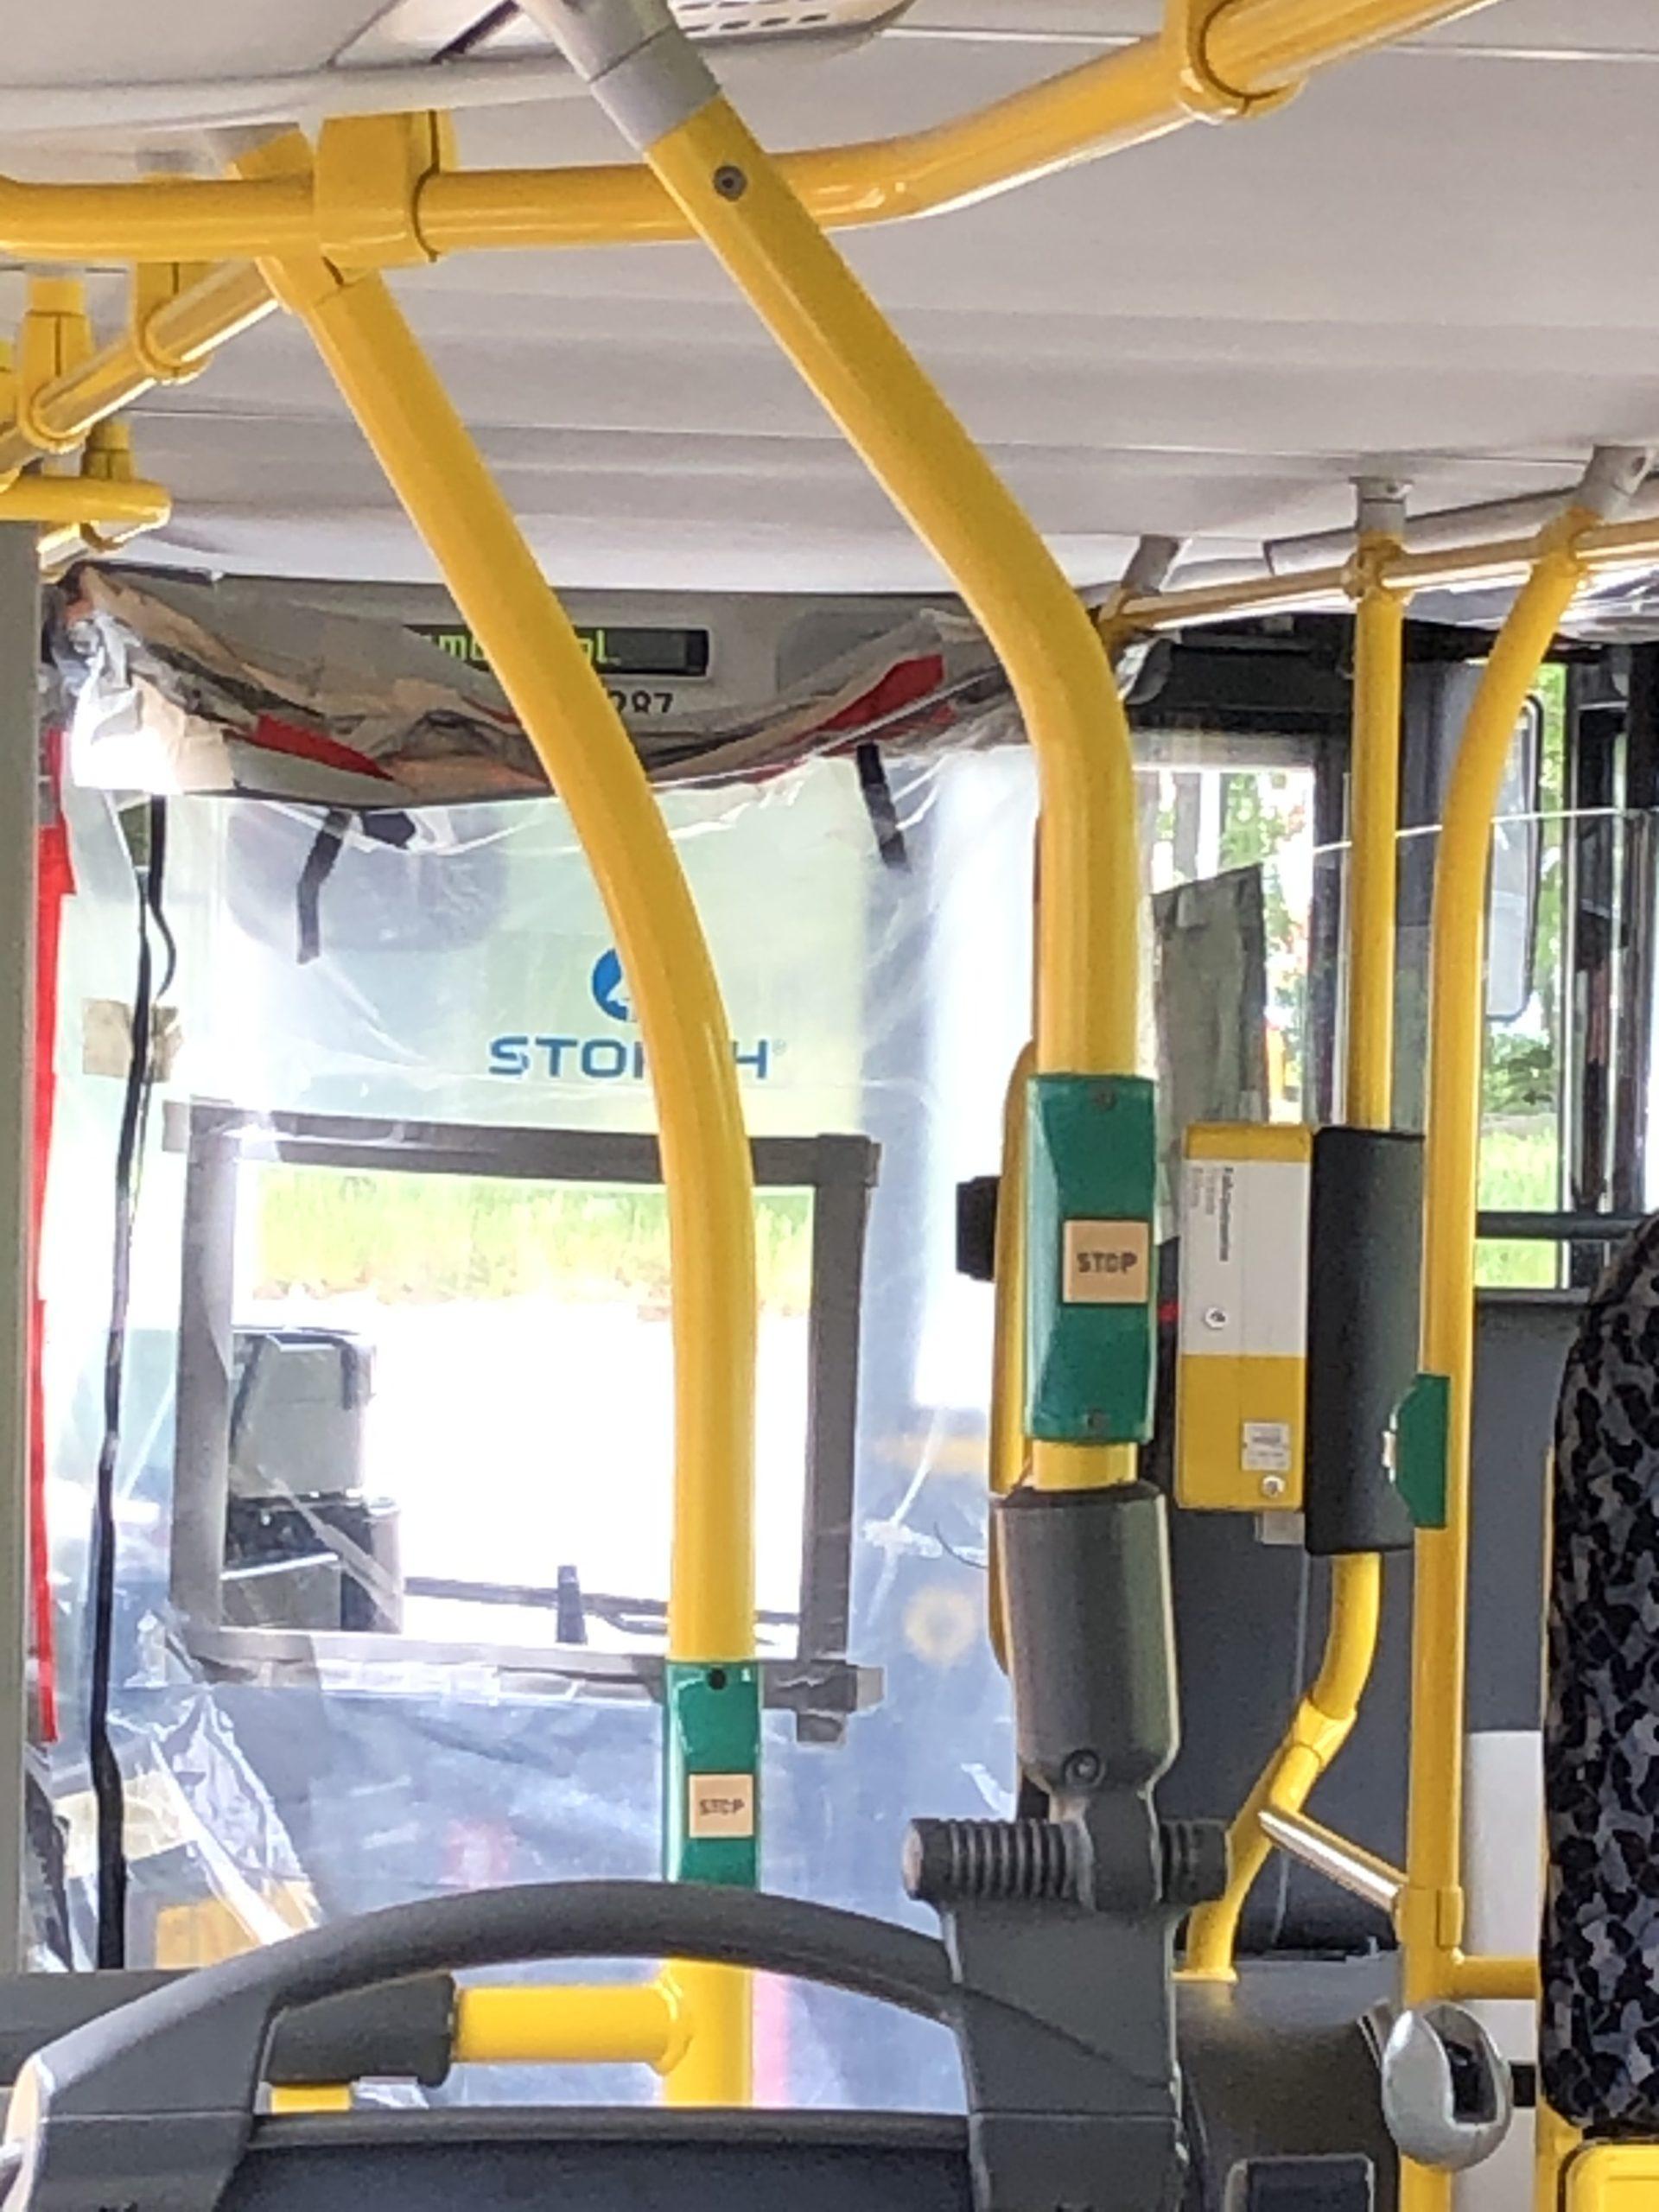 ドイツ バス コロナ